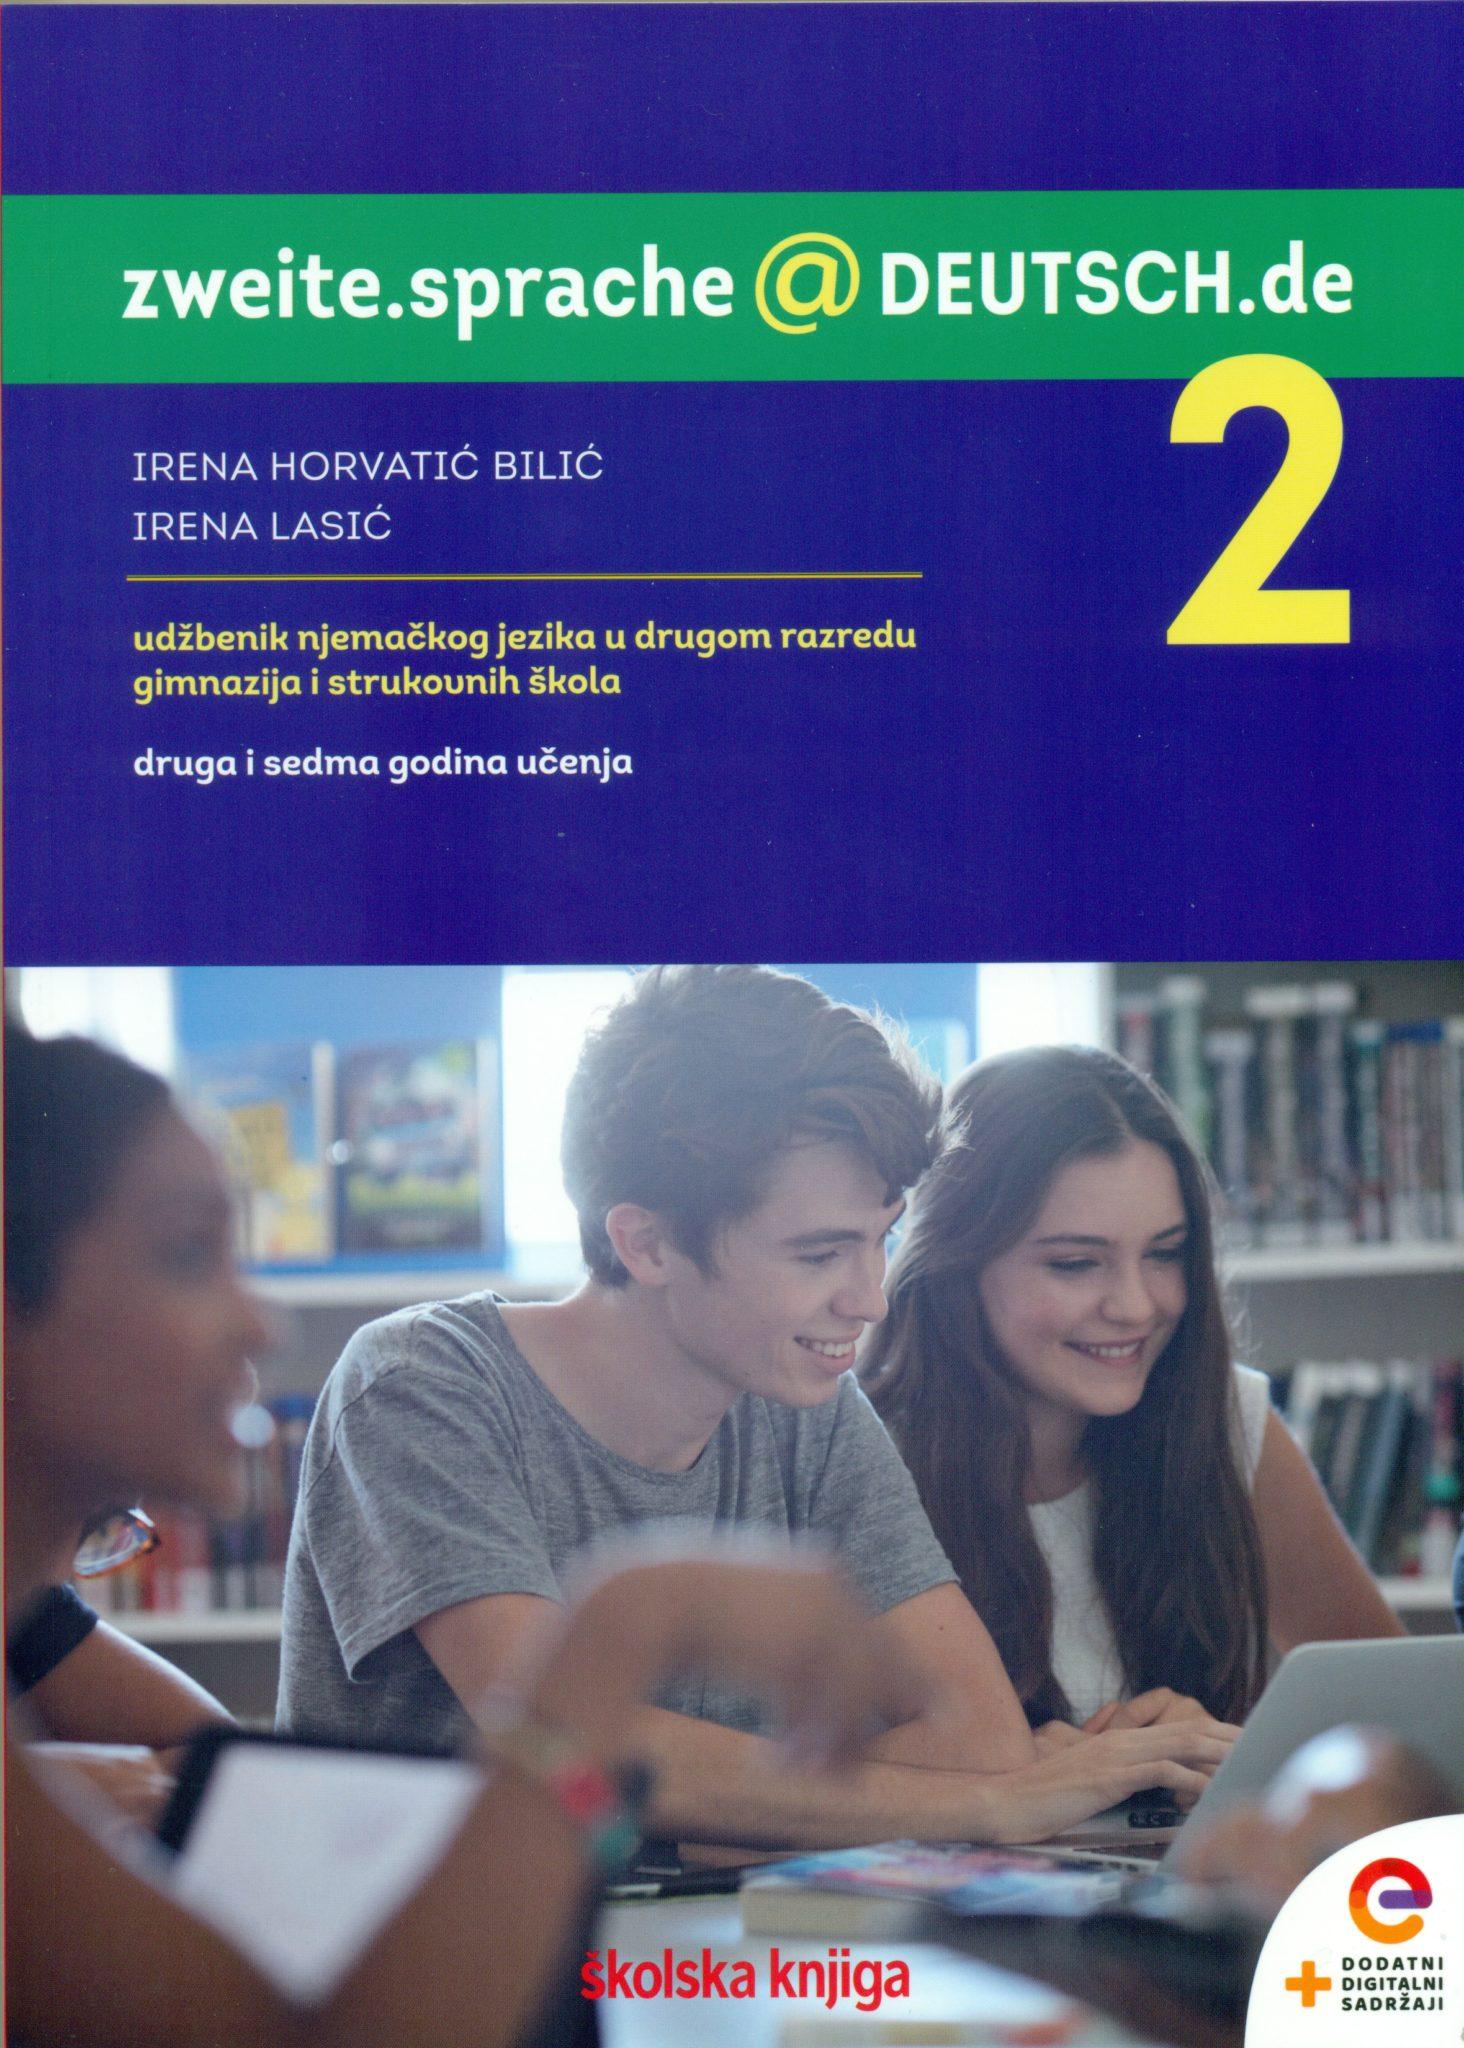 ZWEITE.SPRACHE@DEUTSCH.DE 2 - udžbenik njemačkog jezika